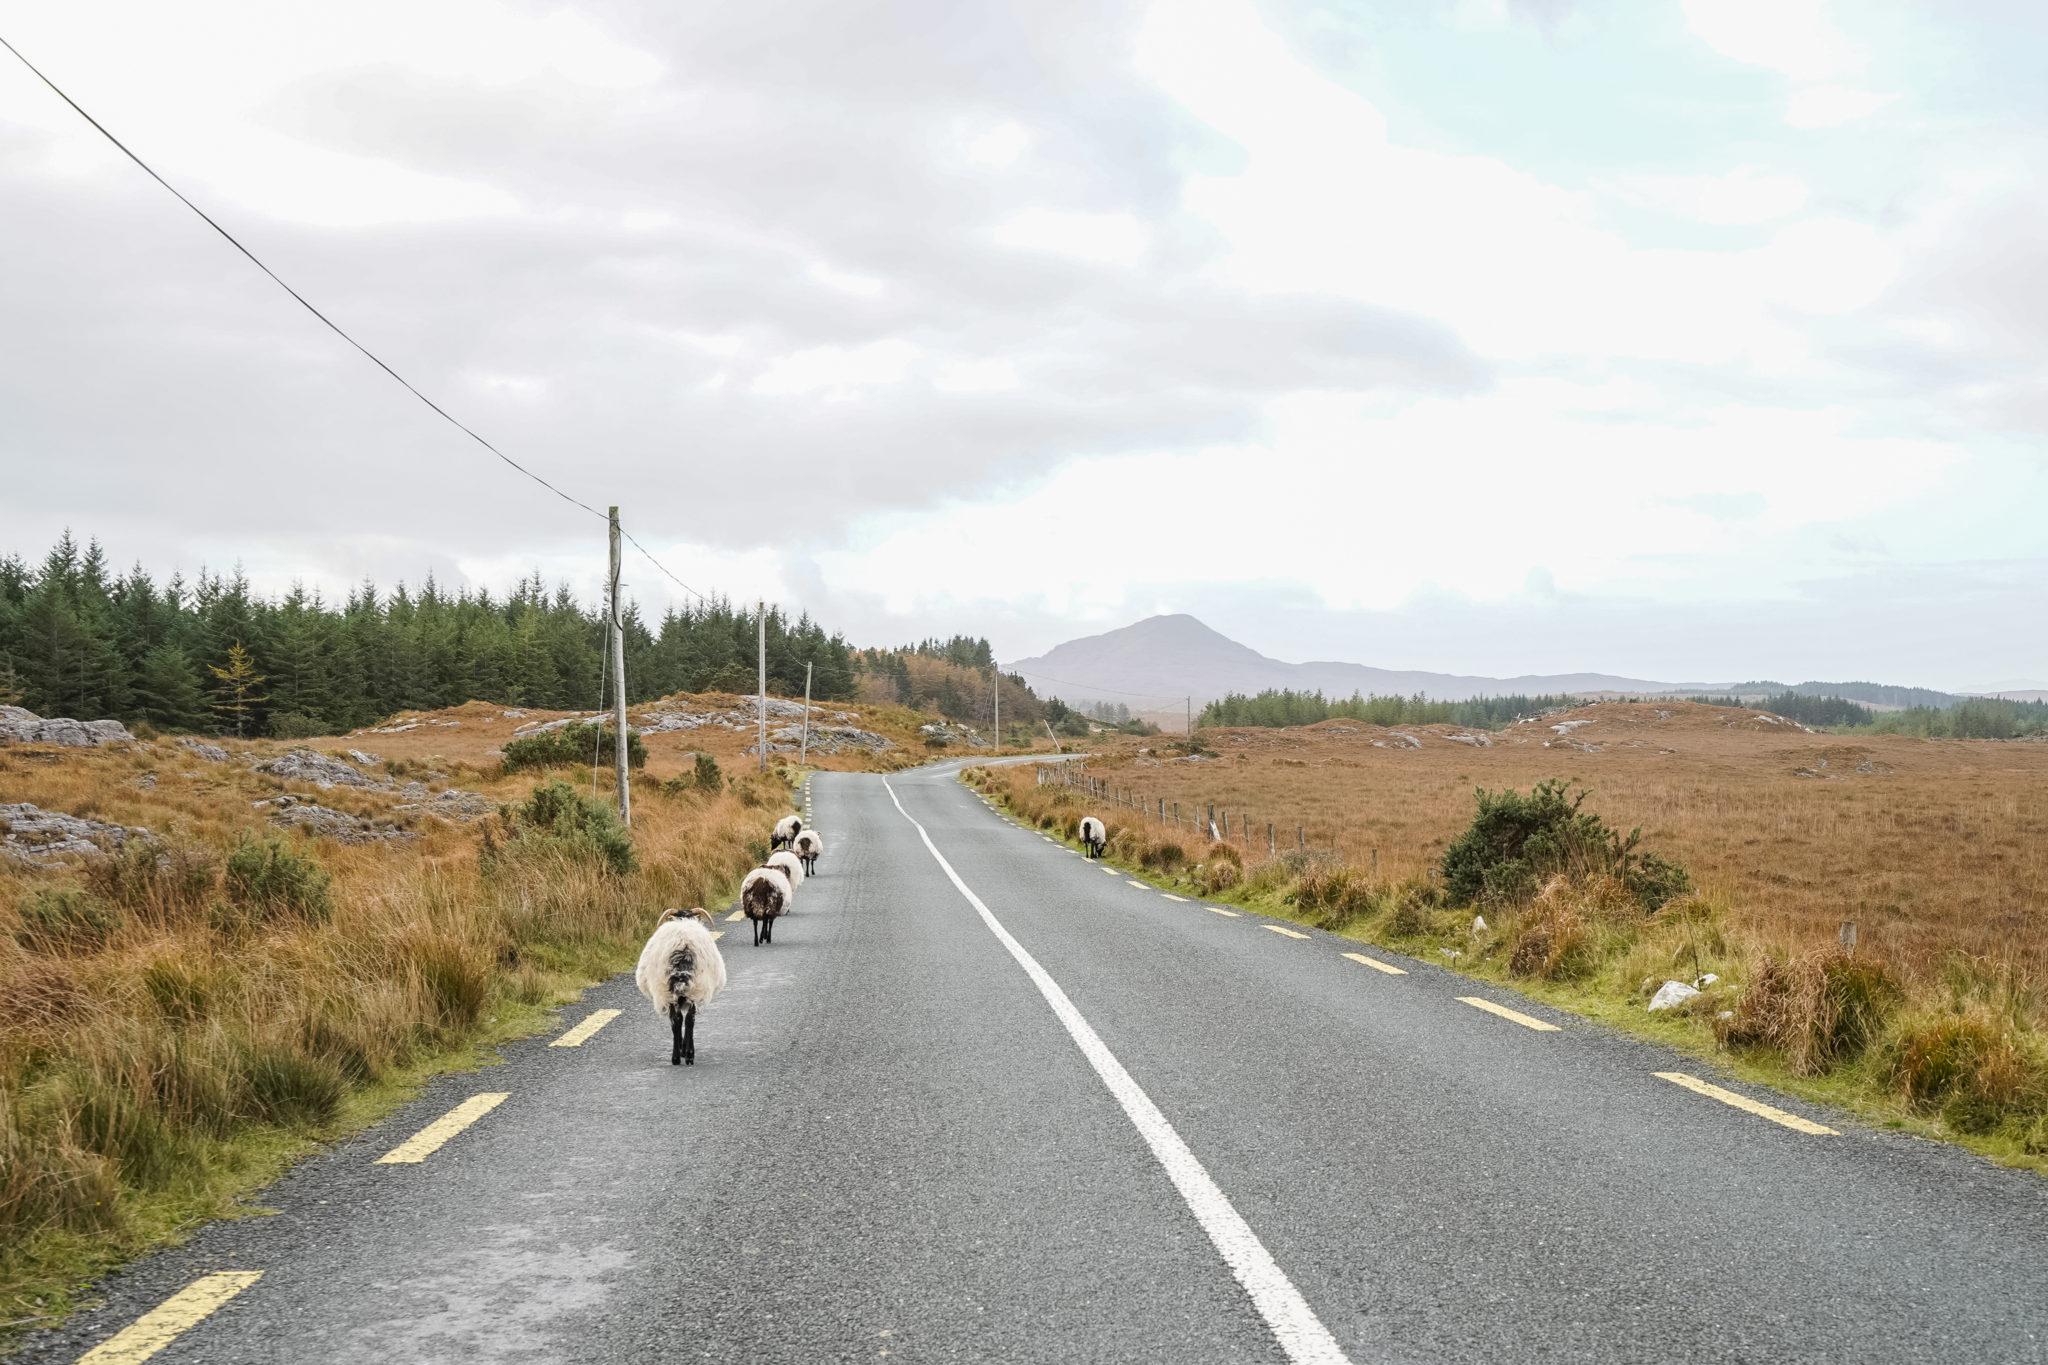 connemara-irlande-mouton-road-trip-blacksheep